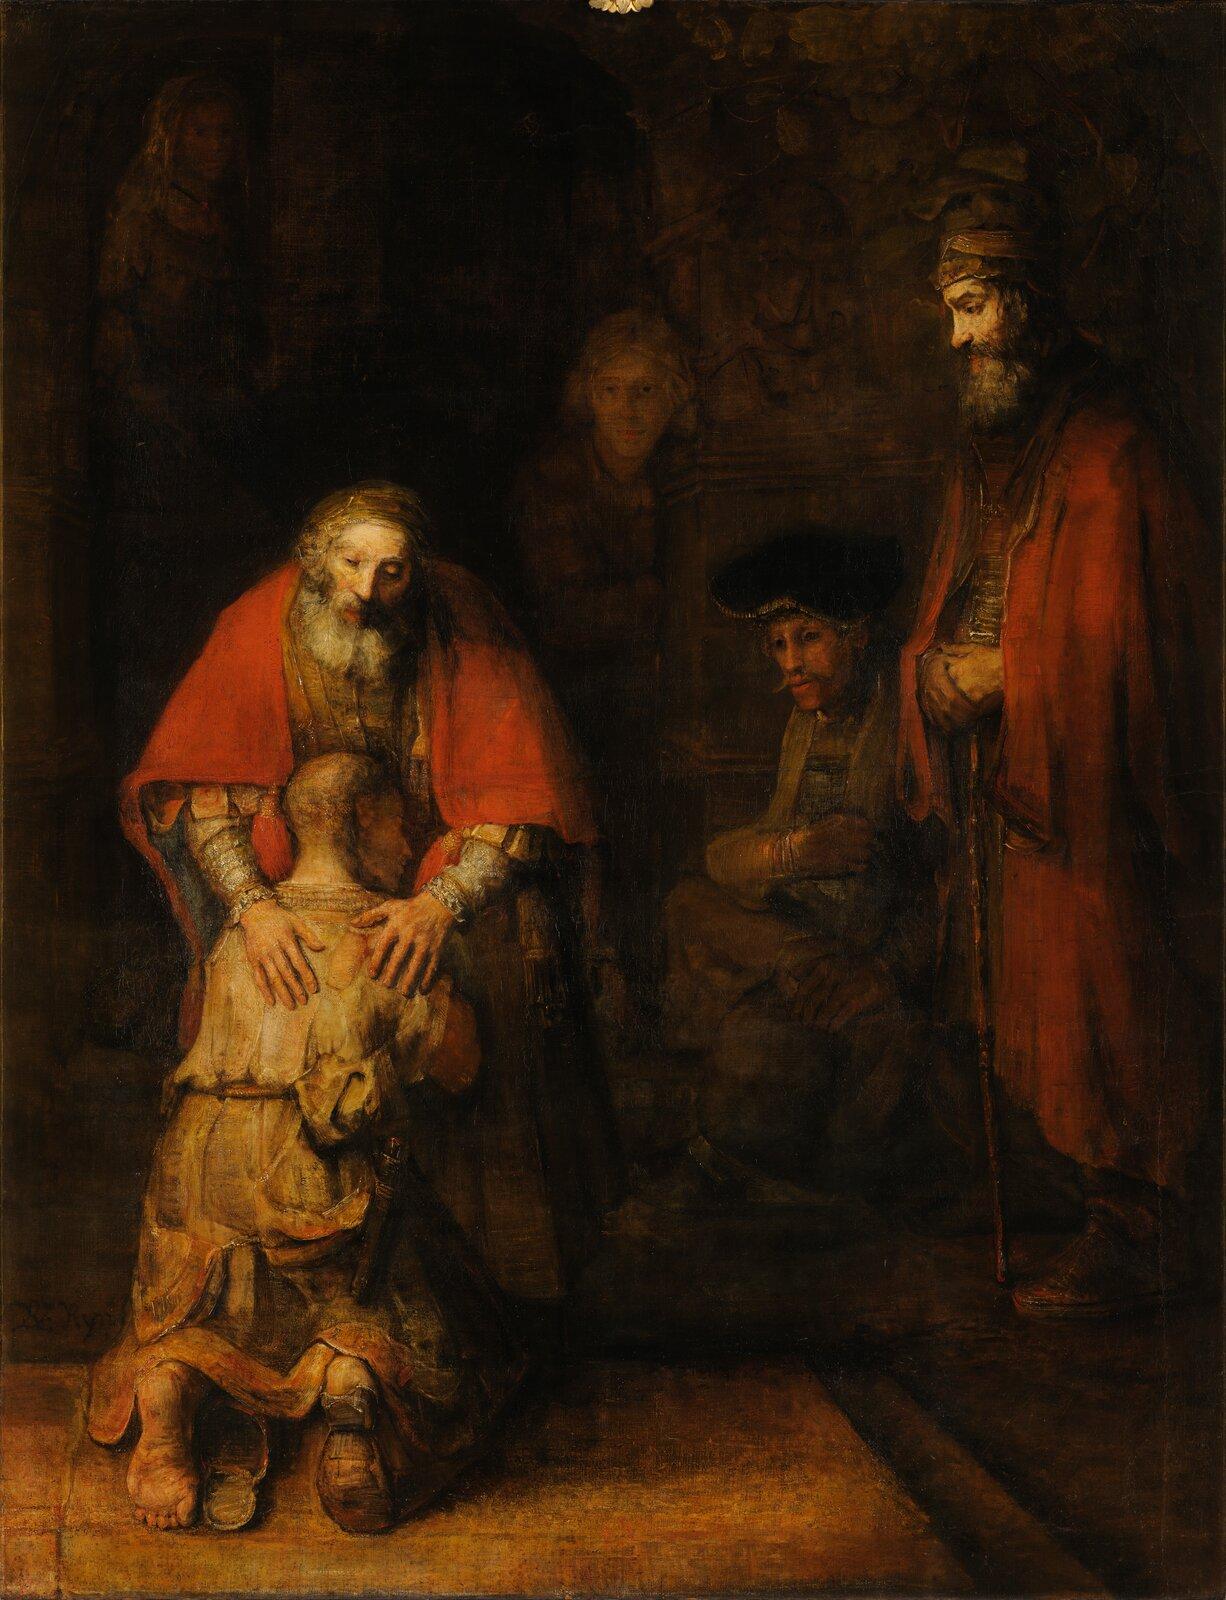 Powrót syna marnotrawnego Źródło: Rembrandt van Rijn, Powrót syna marnotrawnego, ok.1668, Ermitaż, Sankt Petersburg, domena publiczna.